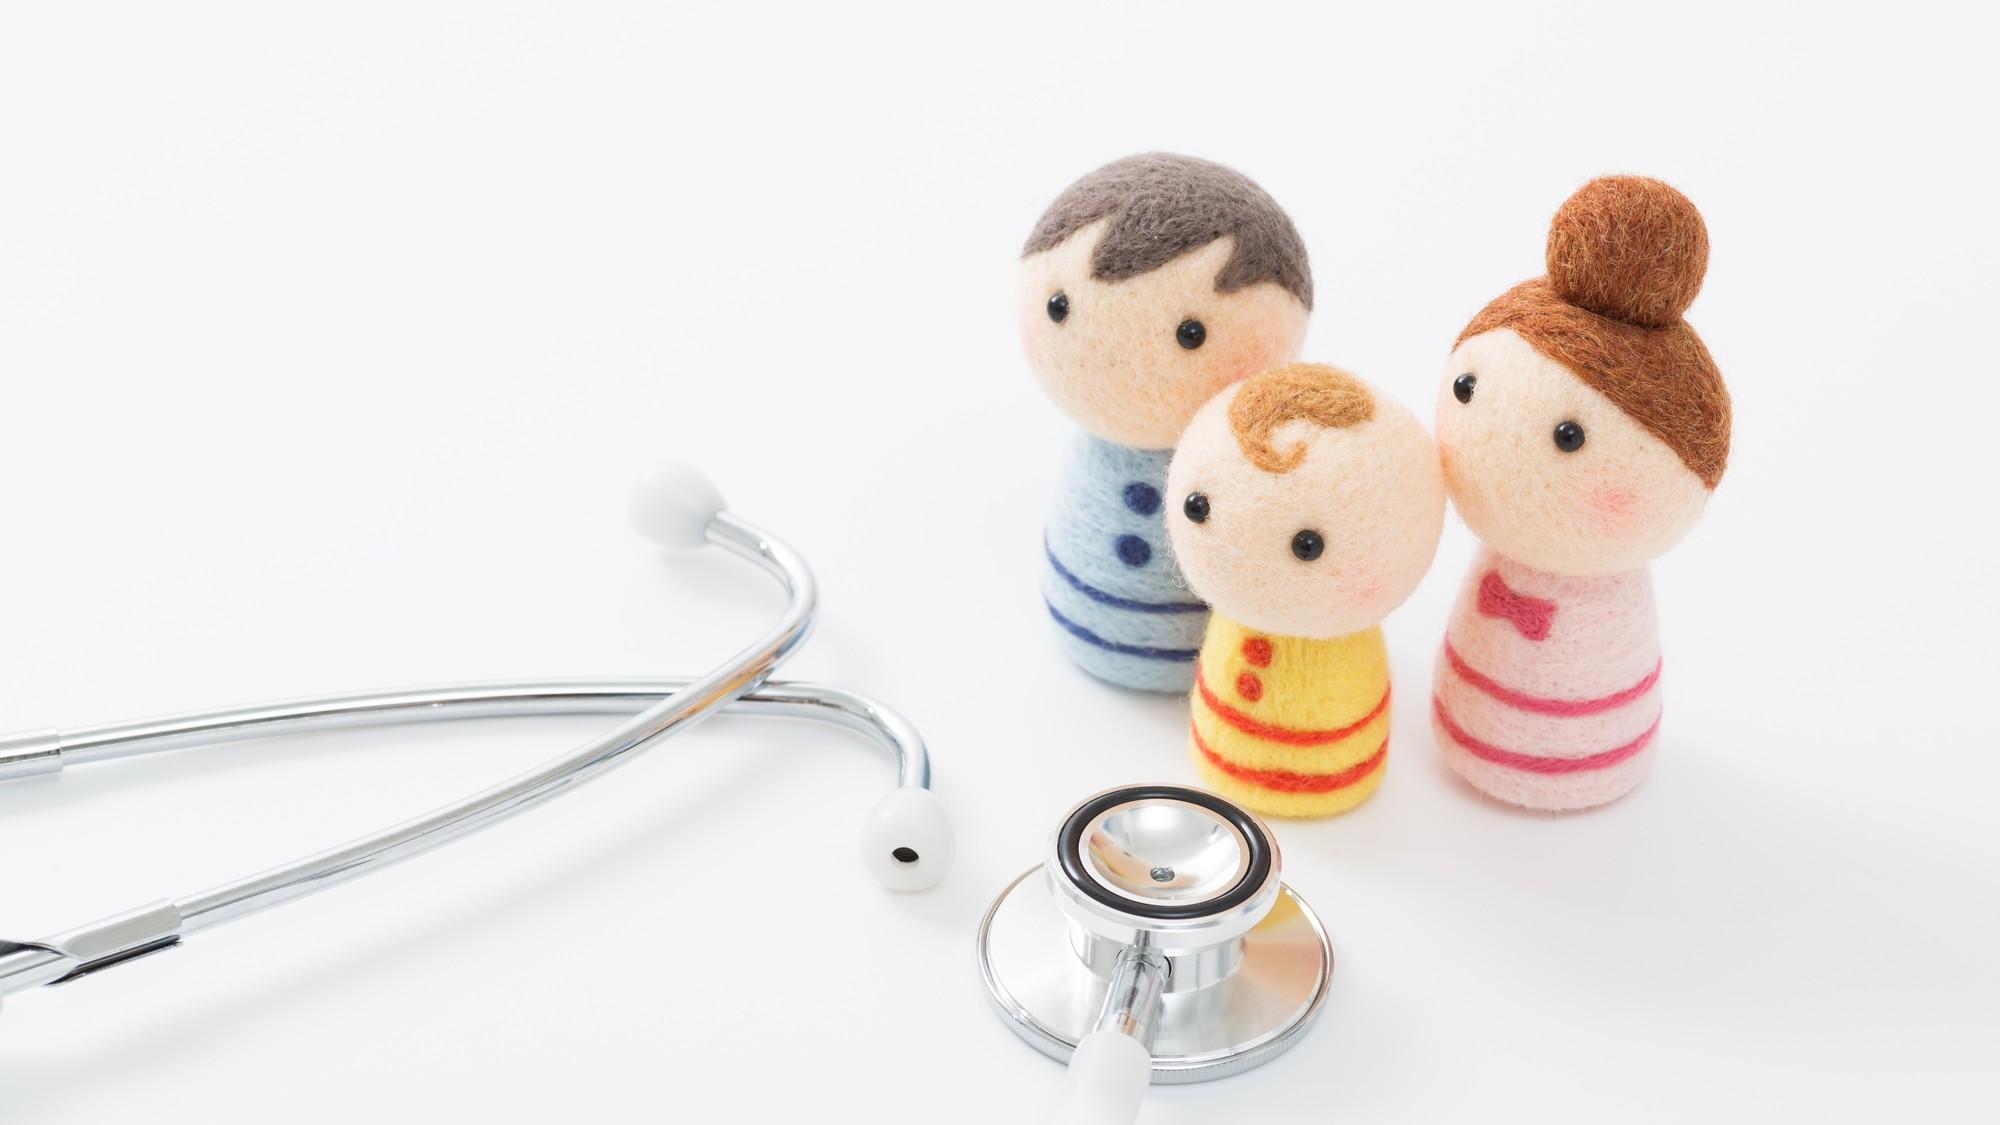 日本で増える「鉄不足の赤ちゃん」…親としてできることは?